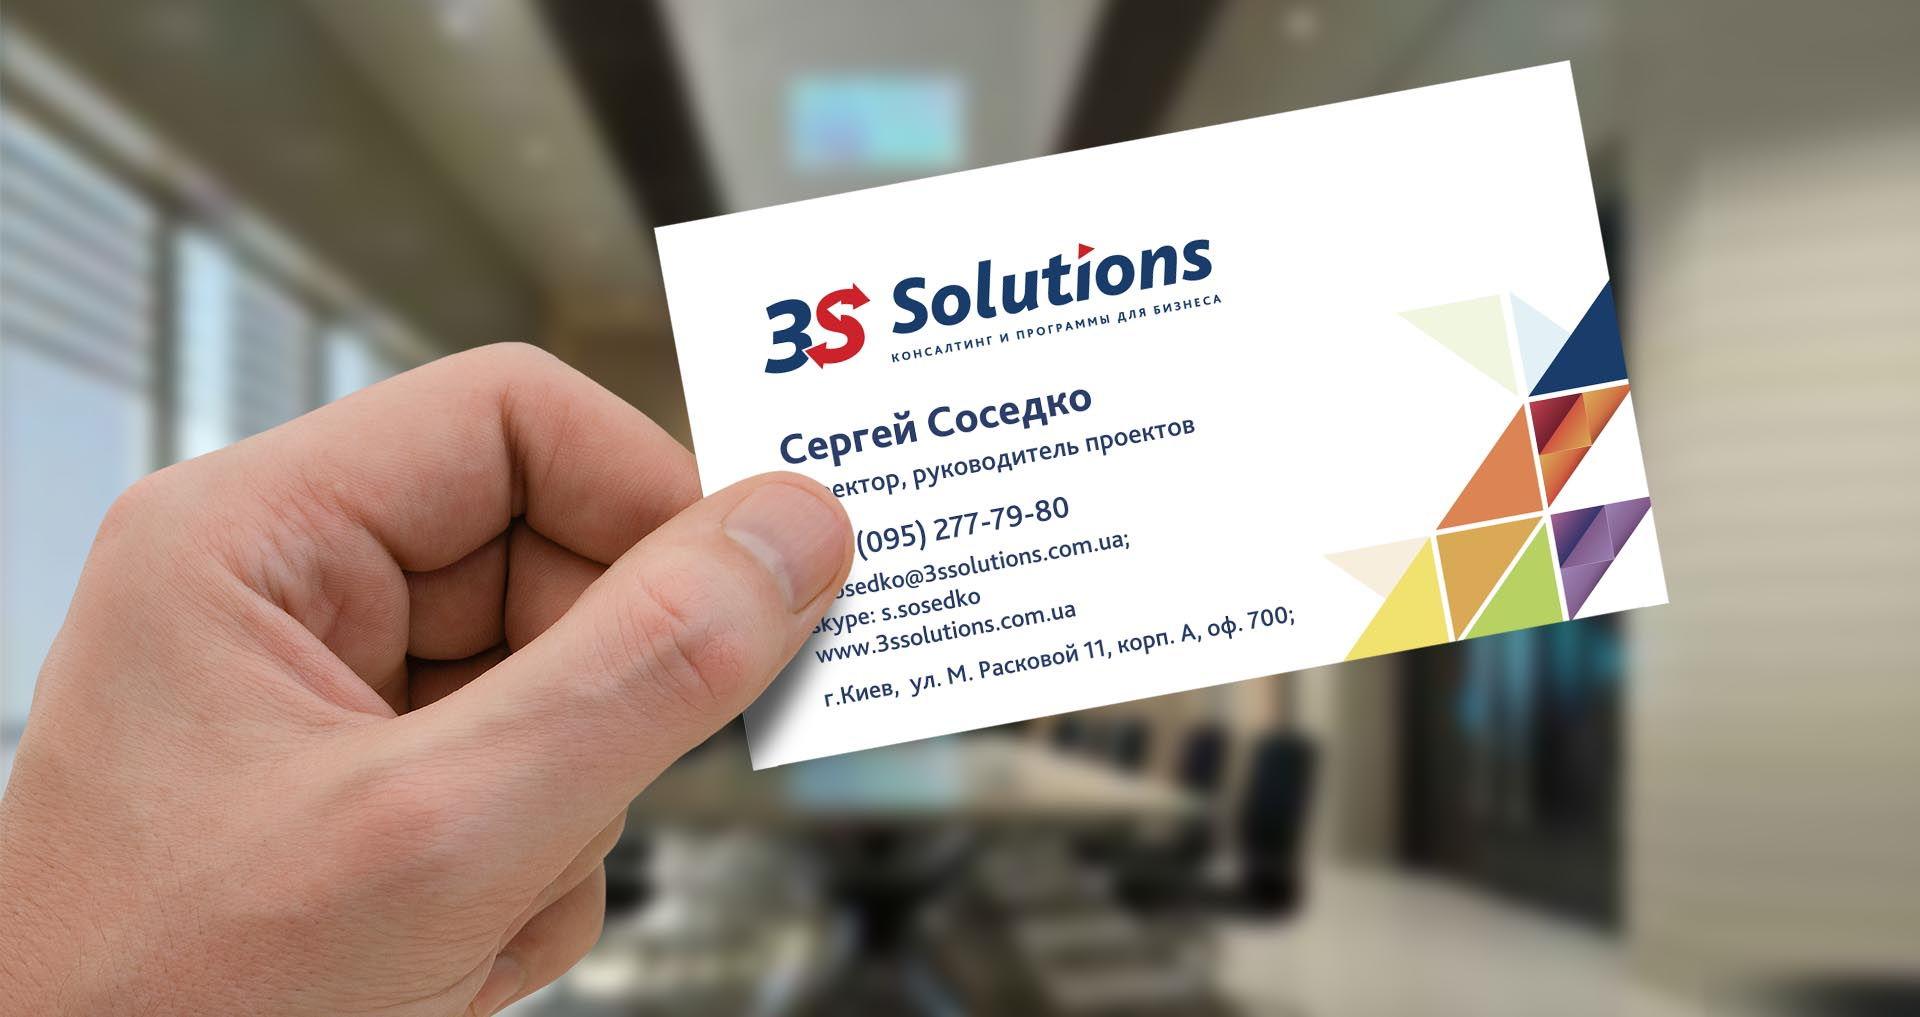 Сorporate identity консалтинговой компании, Consulting company corporate identity